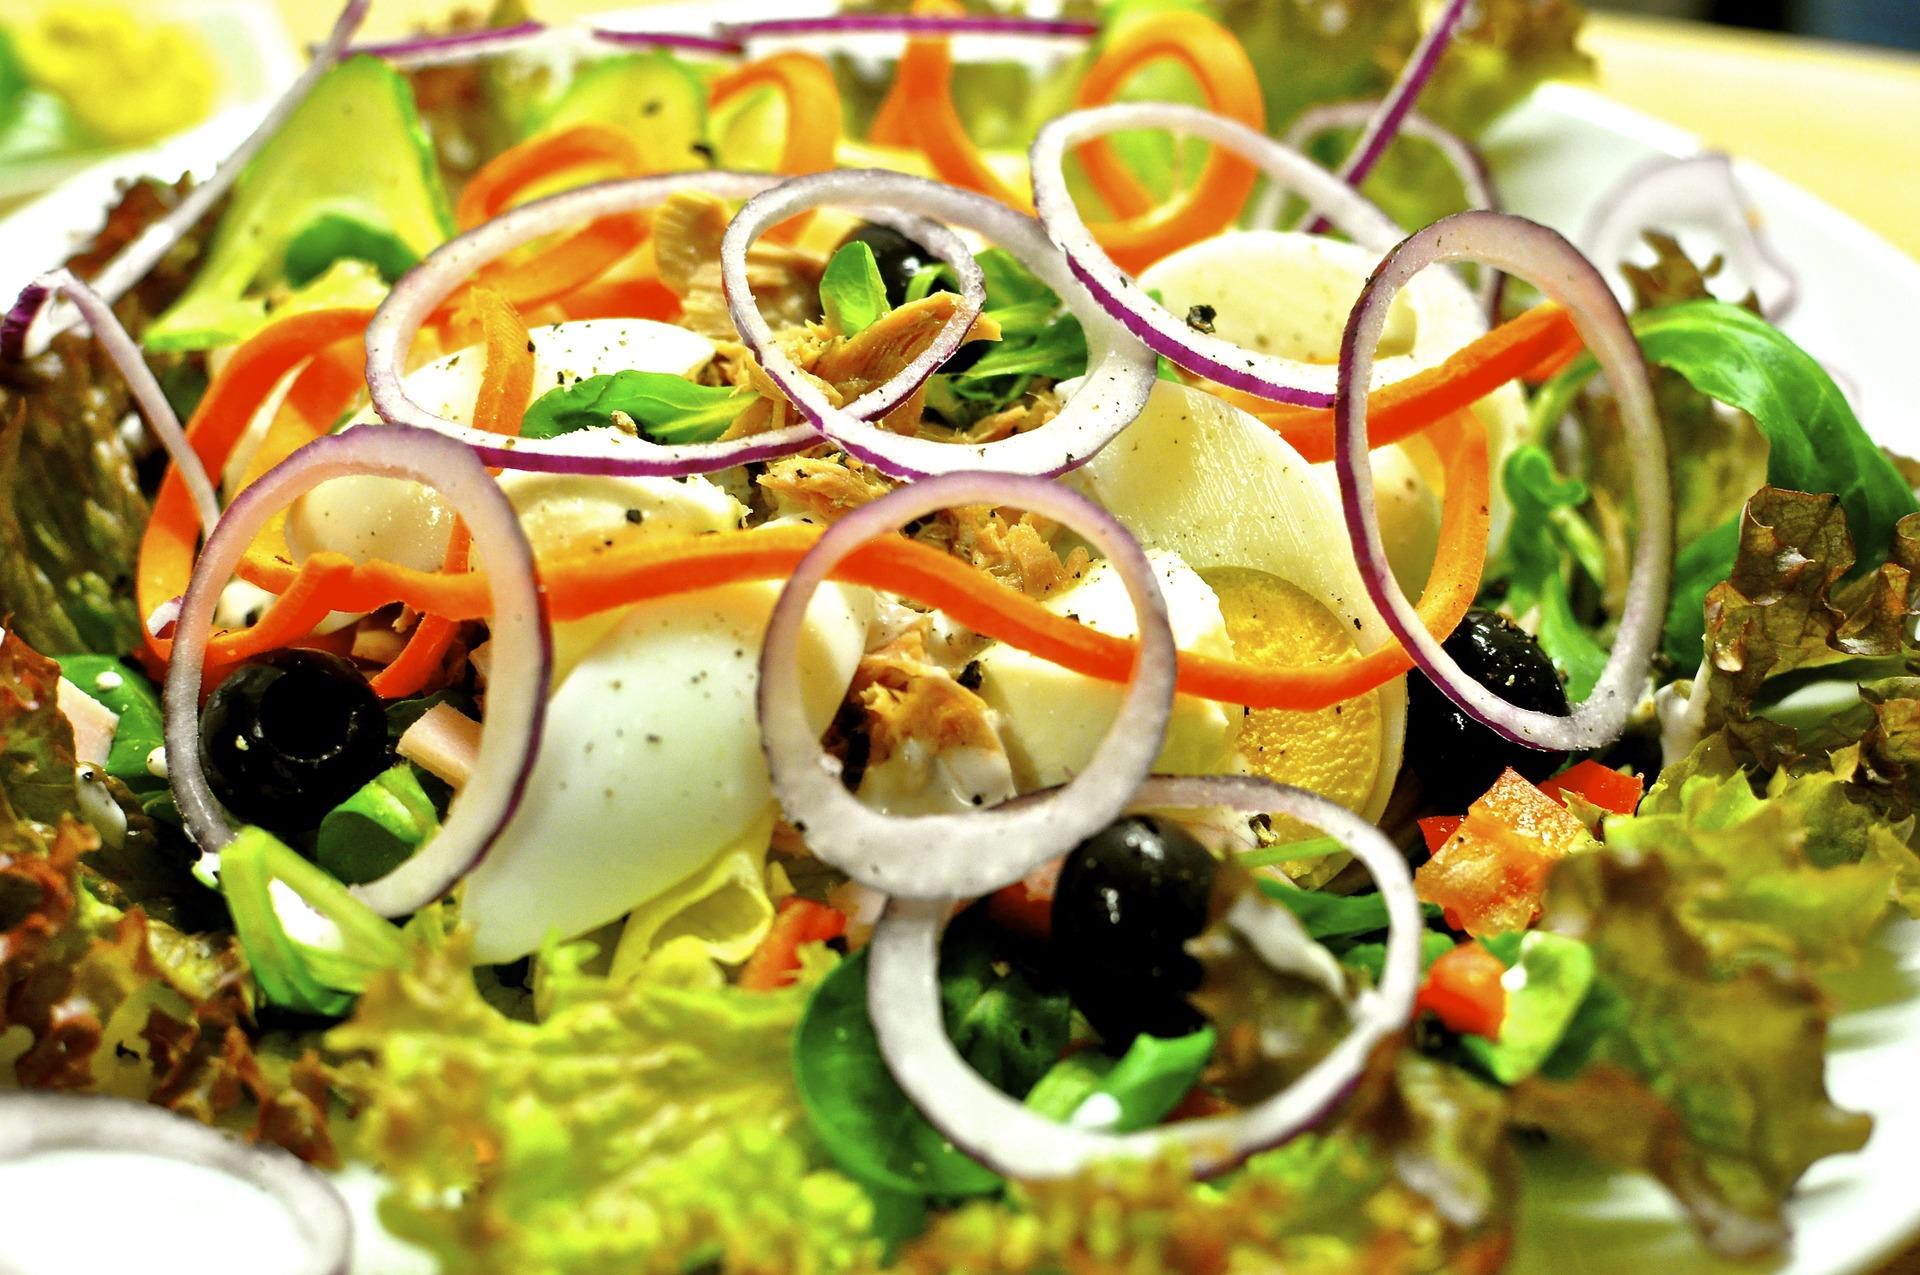 salad-plate-1095648_1920